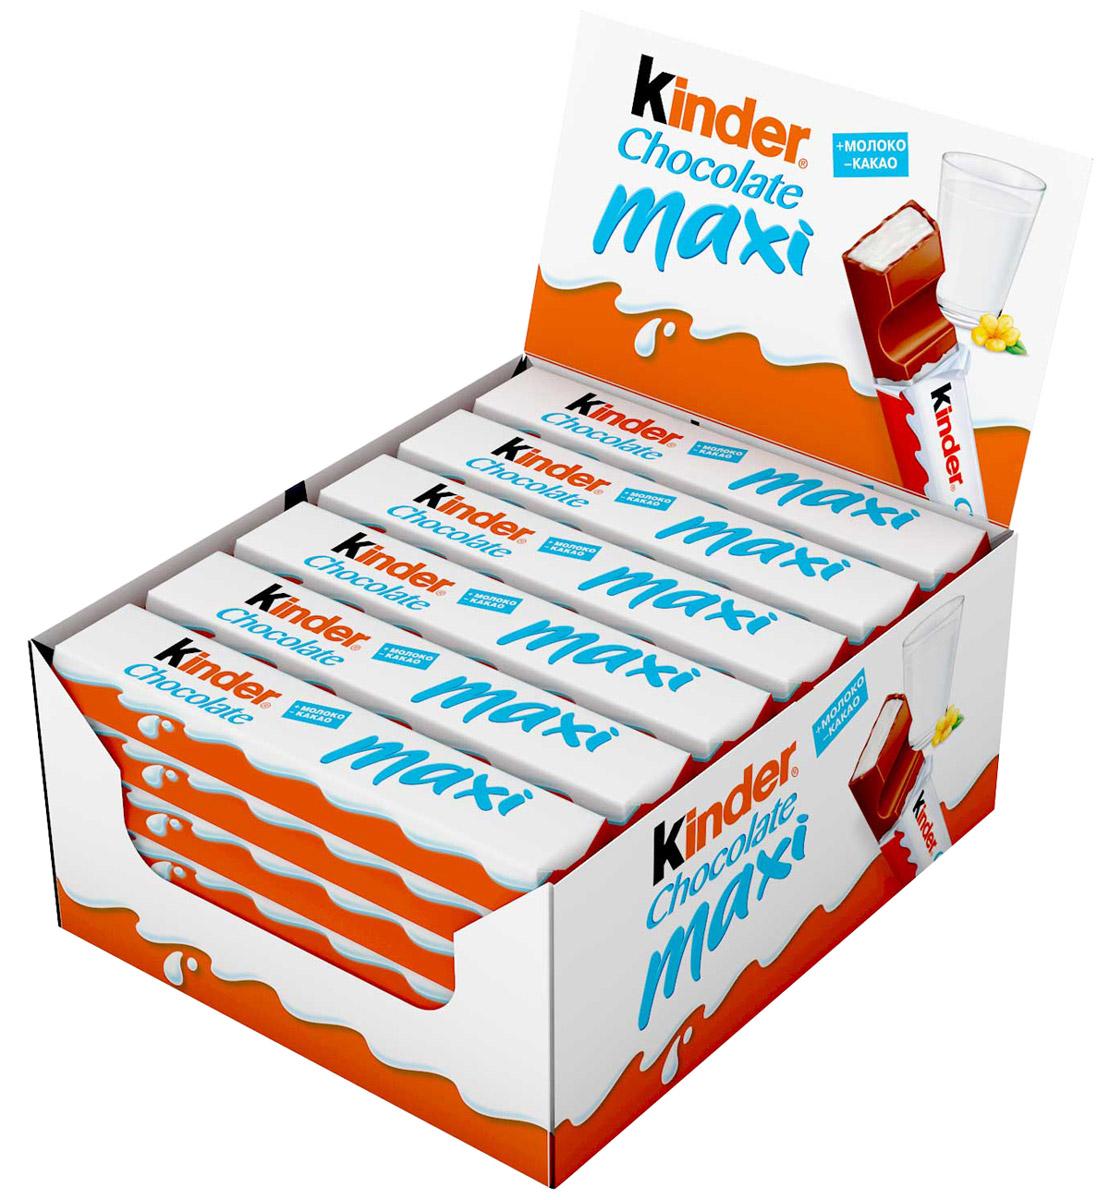 Kinder Chocolate Maxi шоколадный батончик молочный, 36 шт по 21 г kinder chocolate шоколад молочный с молочной начинкой 50 г